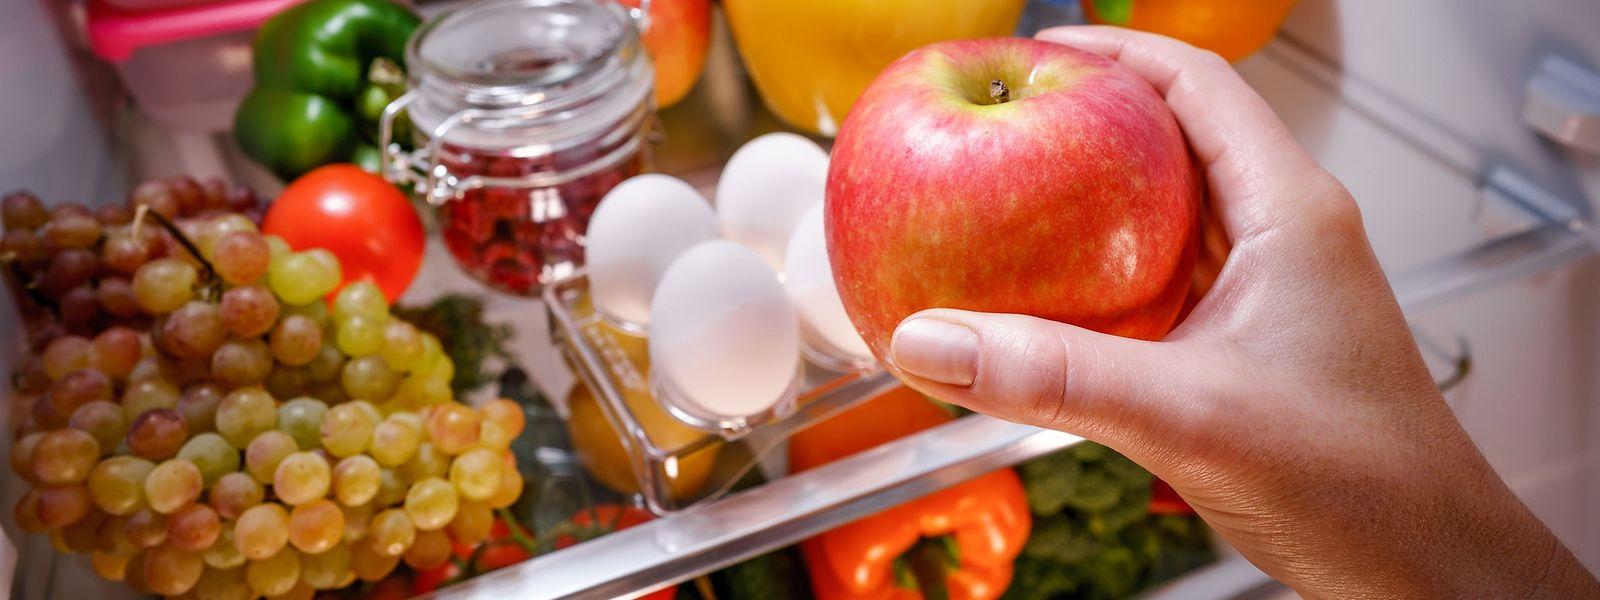 Nur Obst und Gemüse zu essen, macht noch keine gesunde Ernährung aus. Auf die Kombination von Lebensmitteln kommt es an.